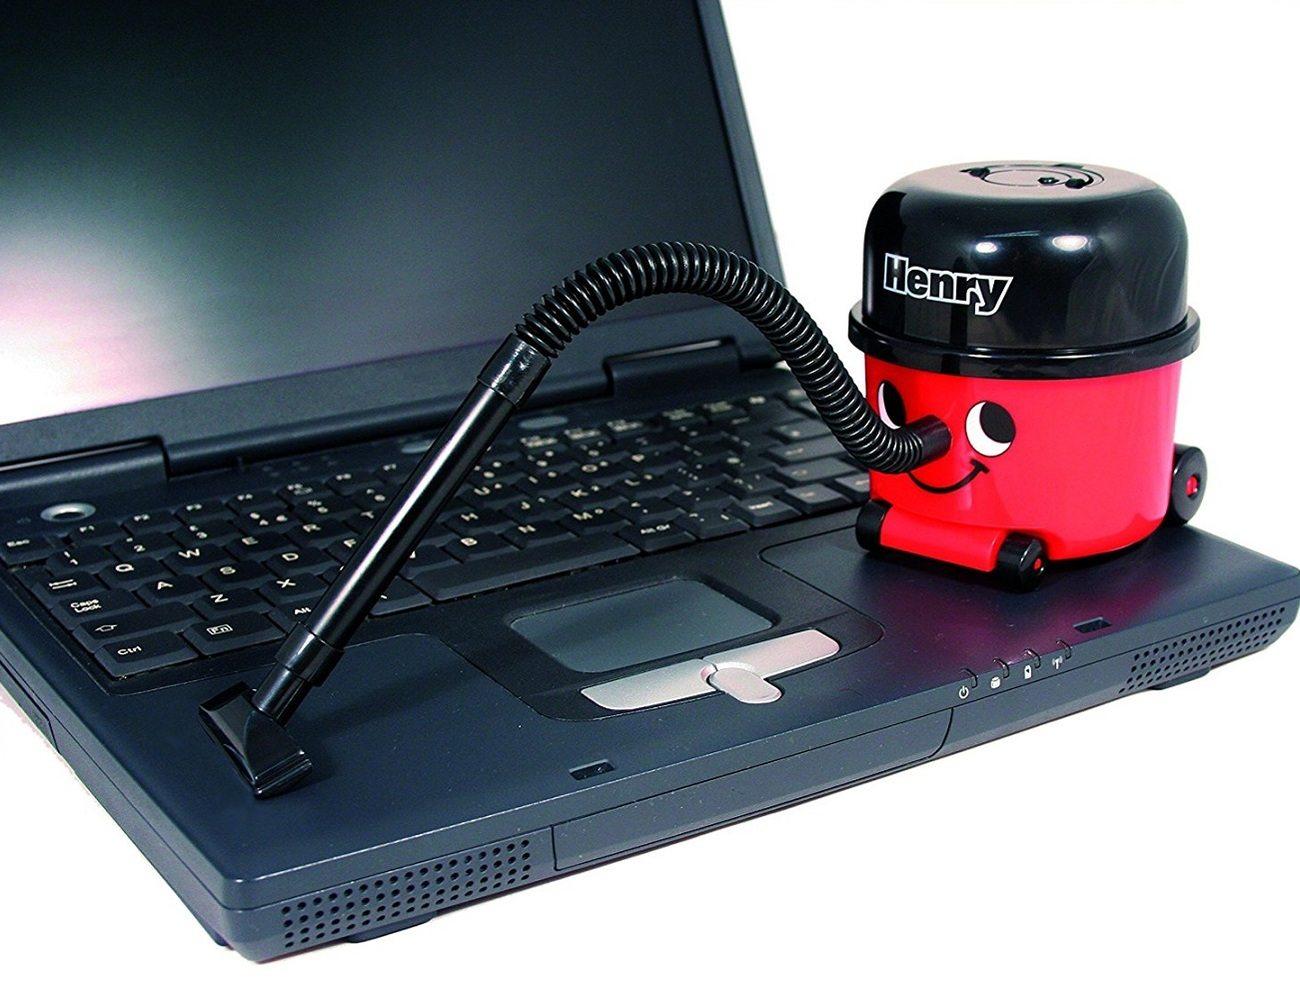 Henry Desktop Vacuum Cleaner